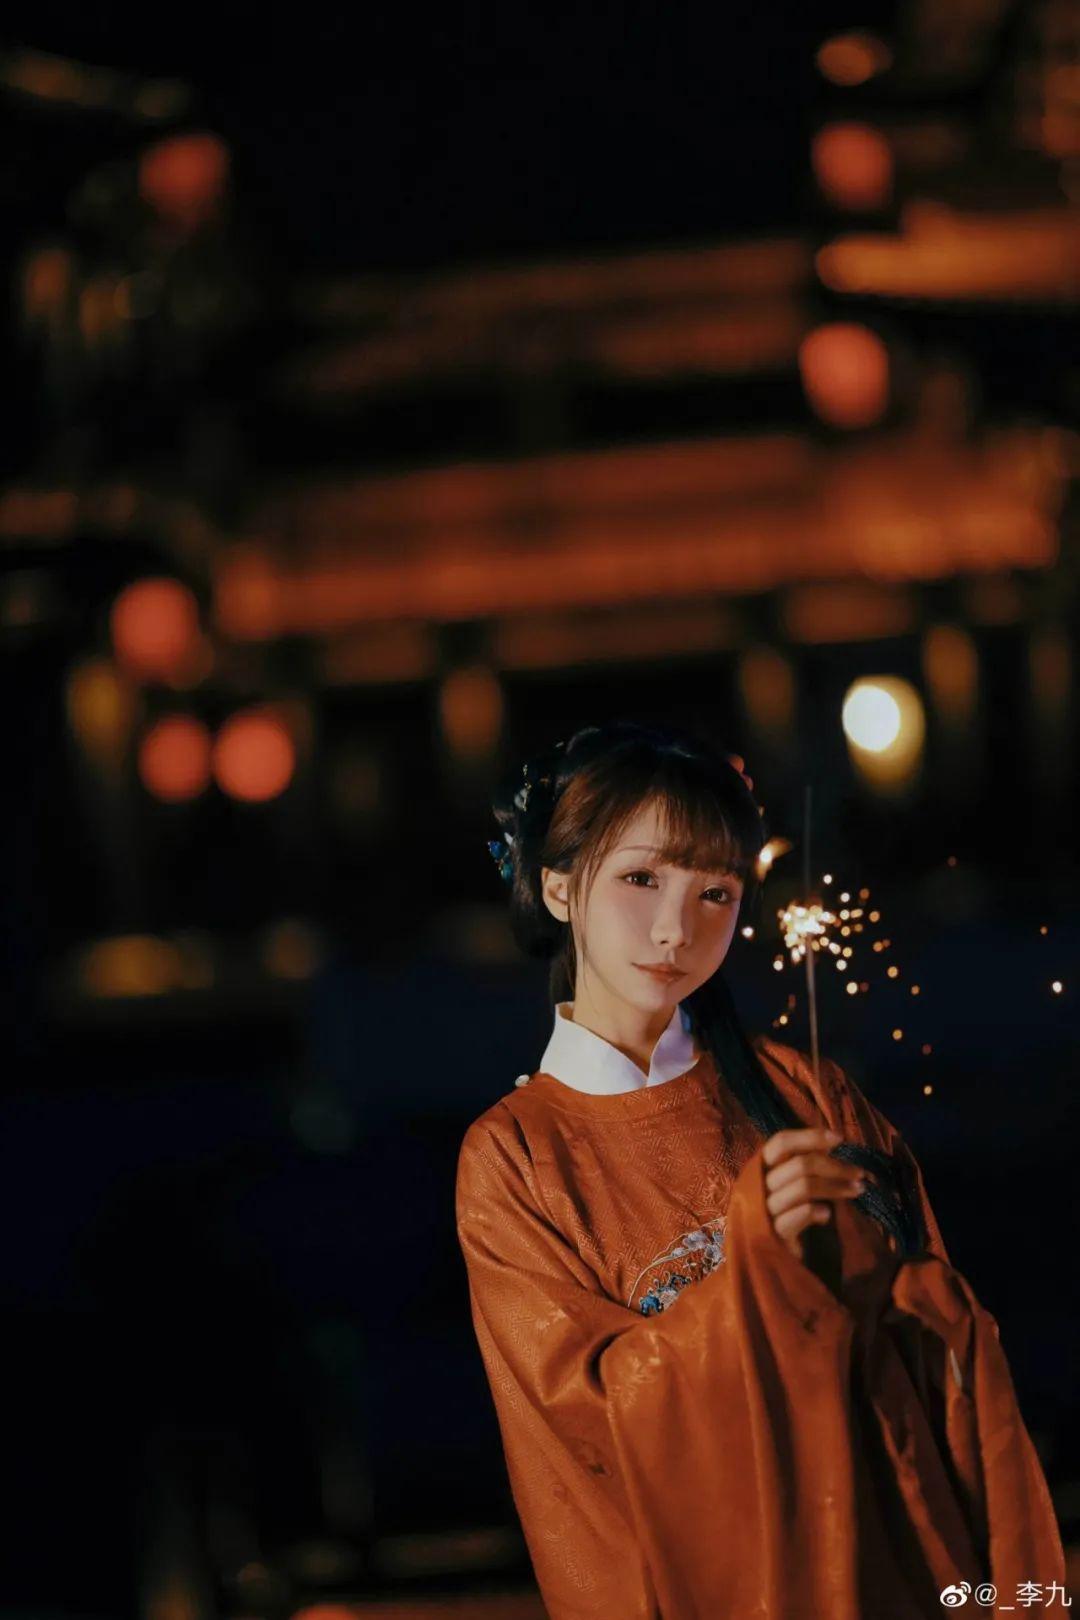 【汉服摄影】去年元夜时,花市灯如昼